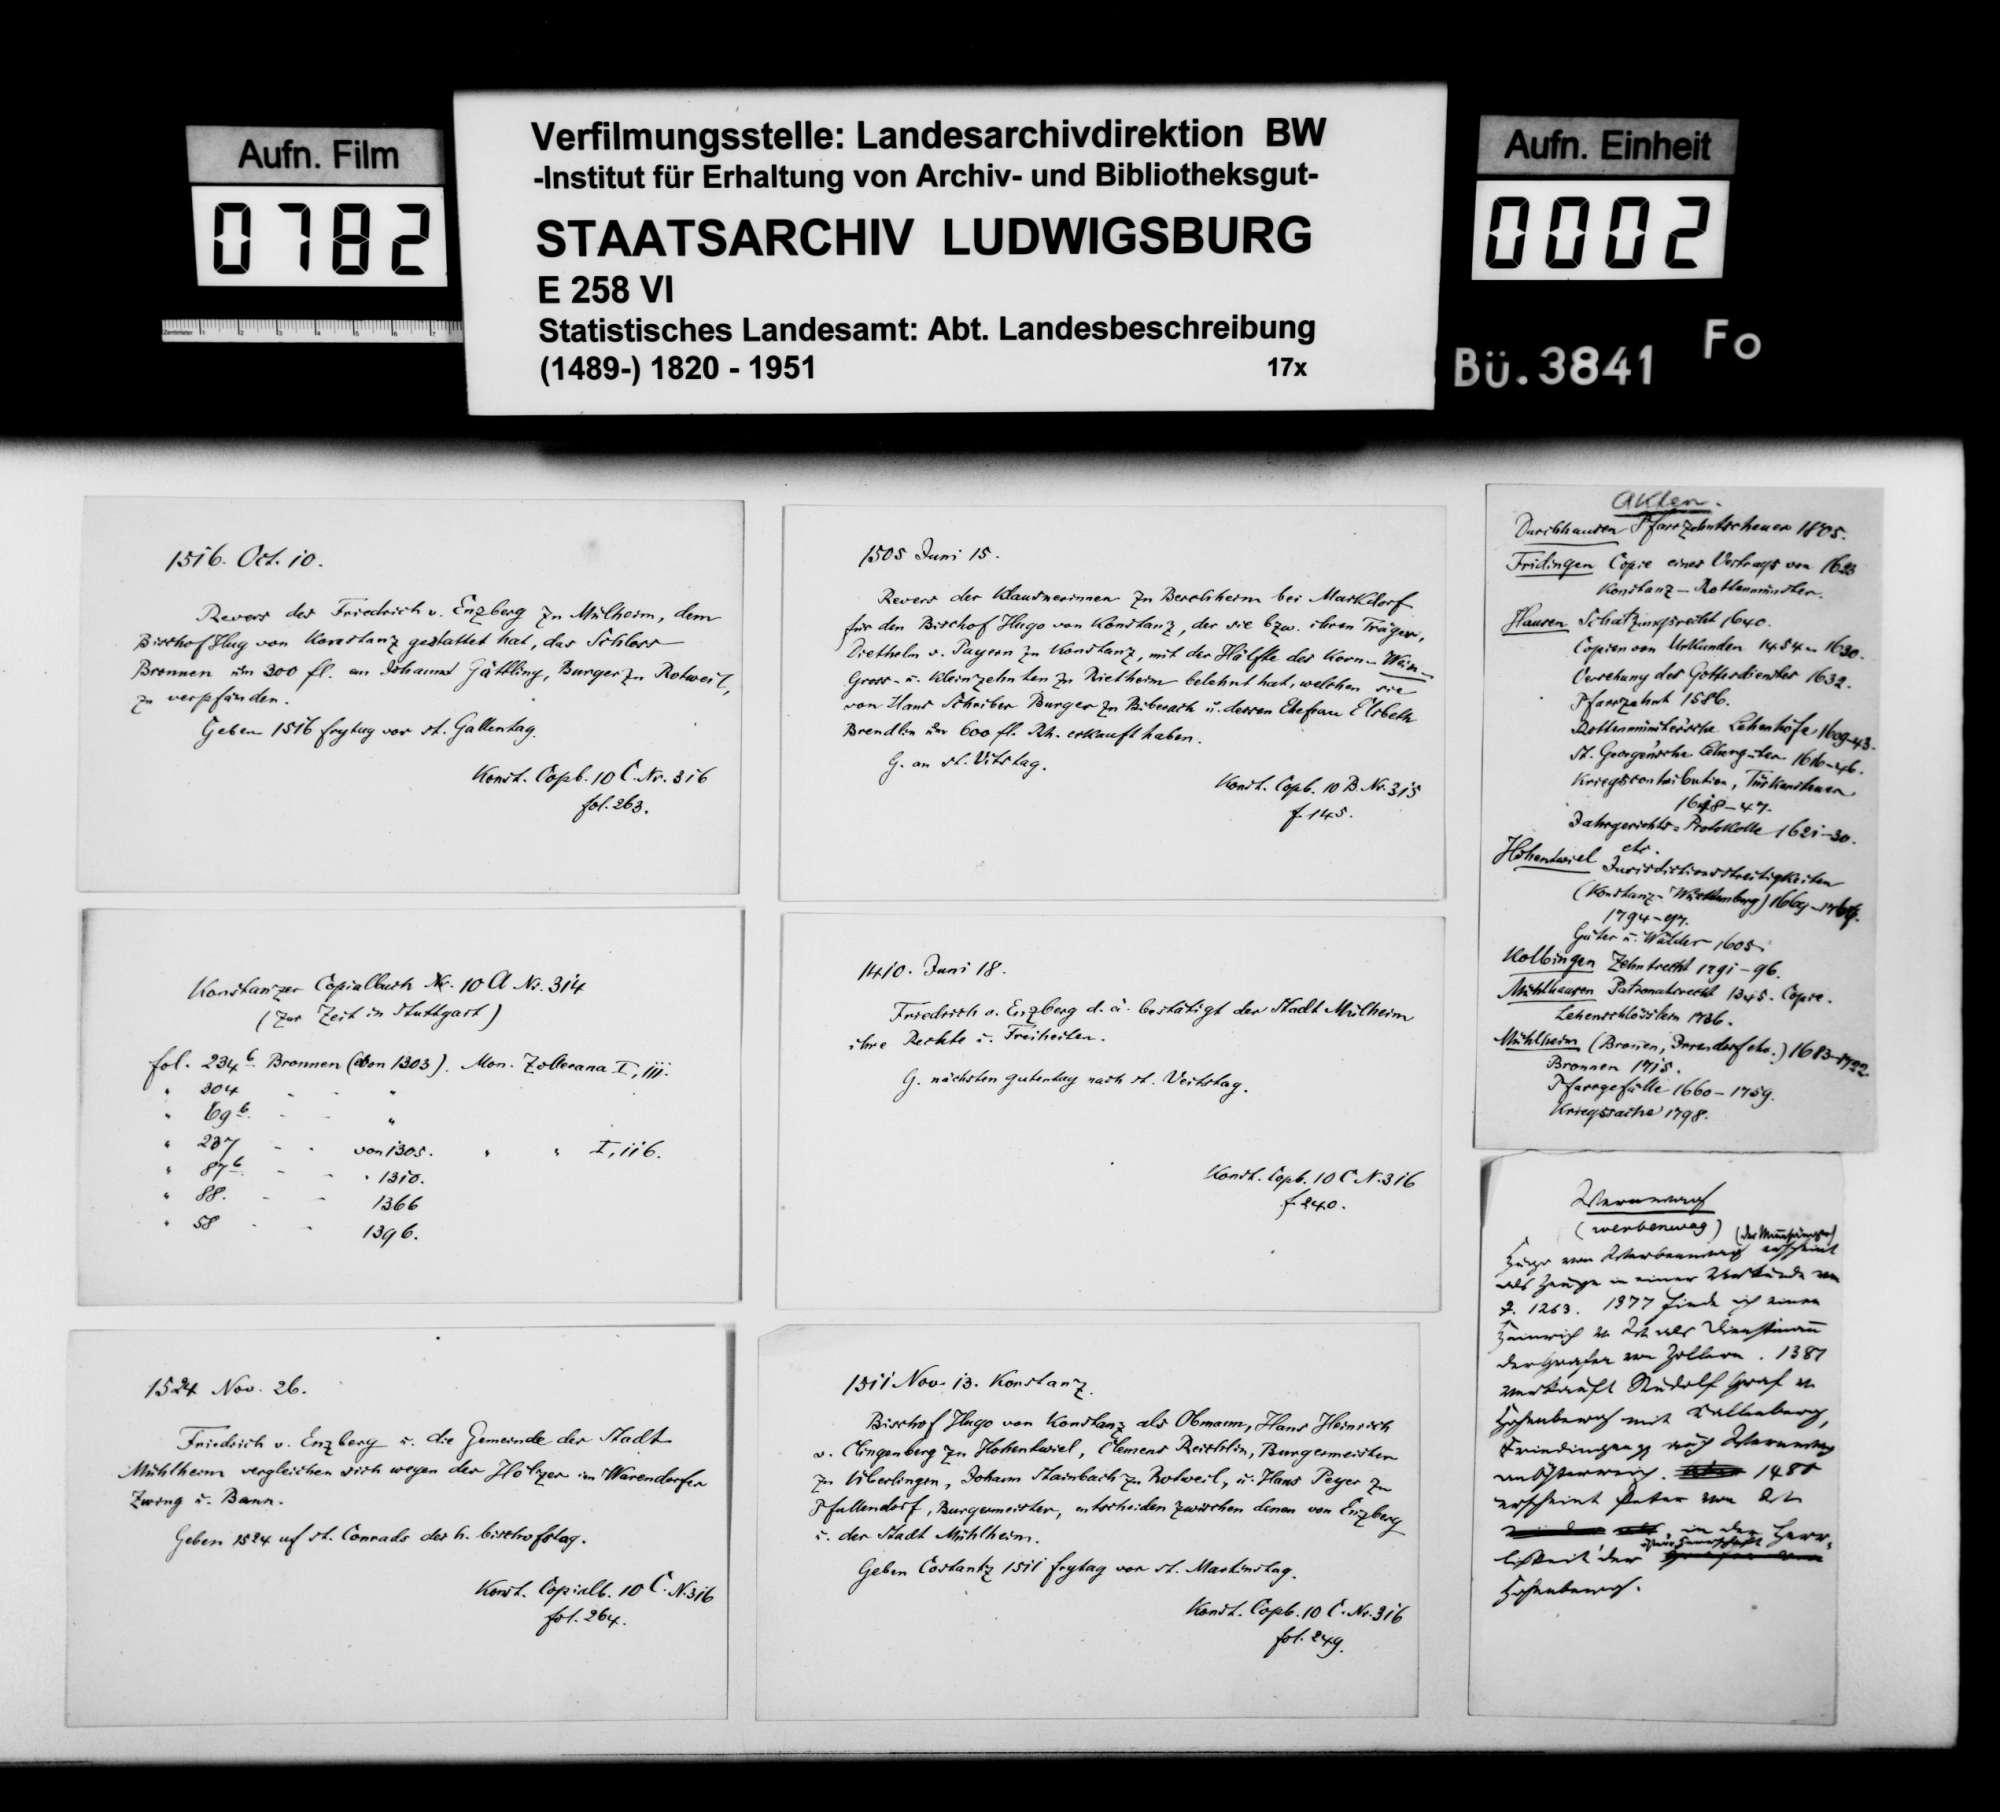 Notizen und Regesten zu Bronnen, Rietheim, Mühlheim, auch Kallenberg und Werenwag [Ghgt. Baden] sowie Auszüge aus einem Repertorium zu diversen Oberamtsorten, Bild 1